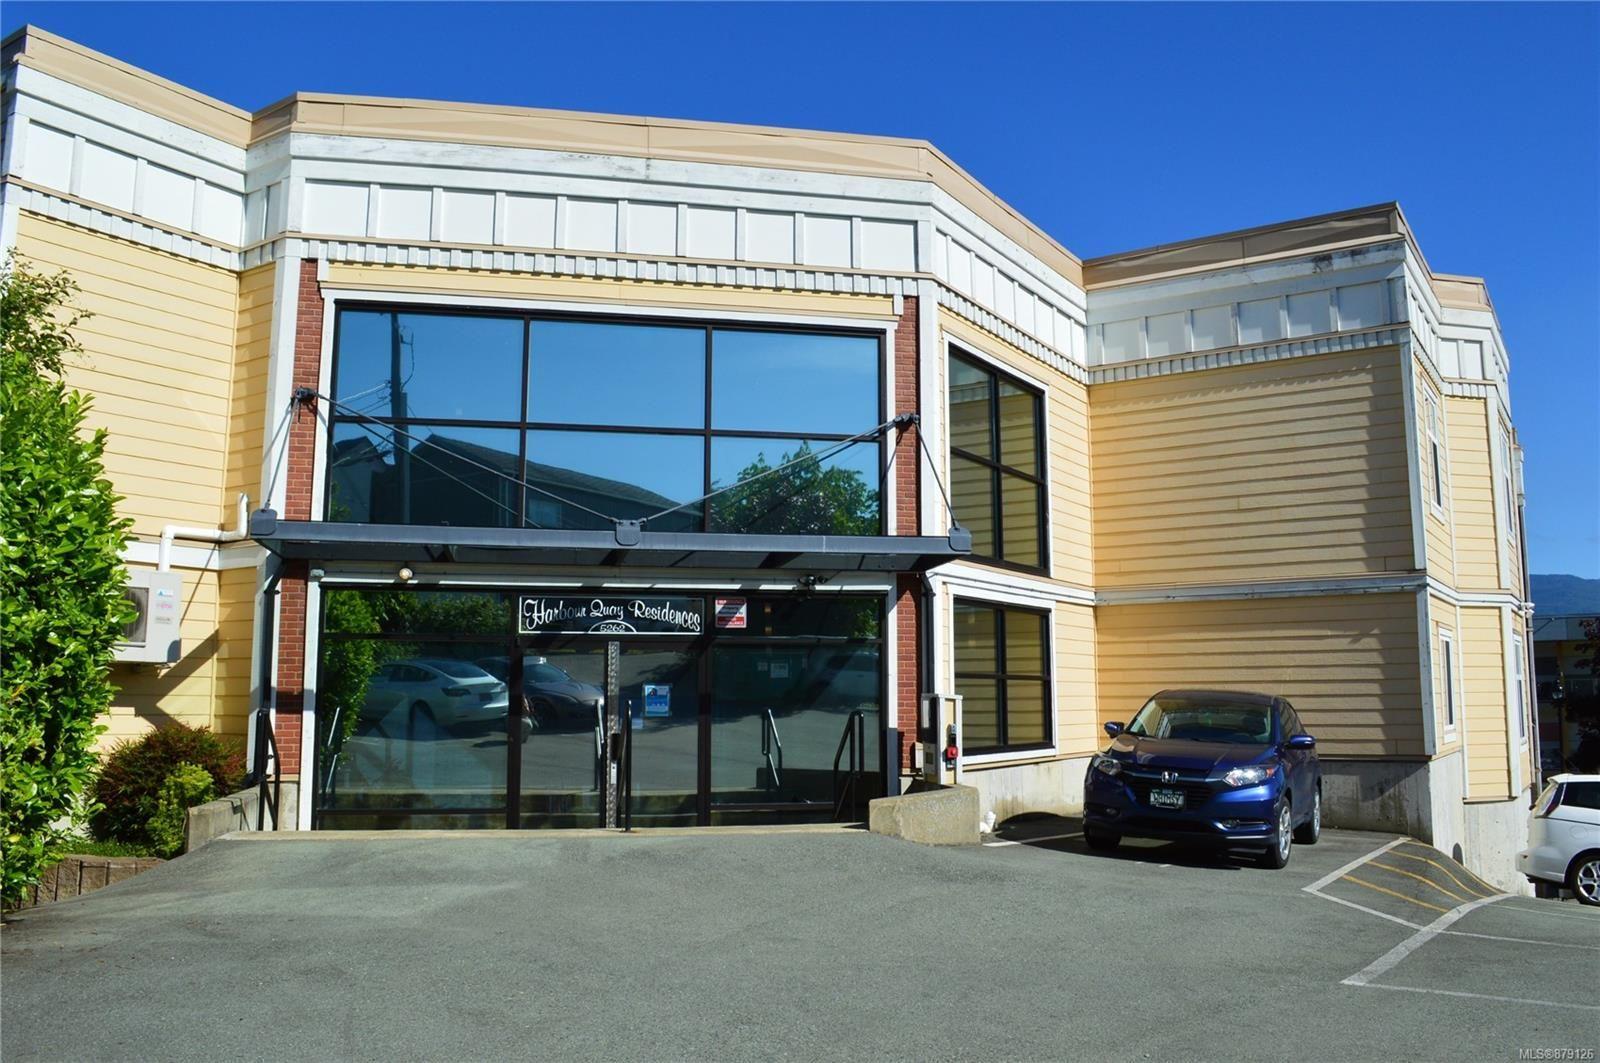 Main Photo: 206 5262 Argyle St in Port Alberni: PA Port Alberni Condo for sale : MLS®# 879126